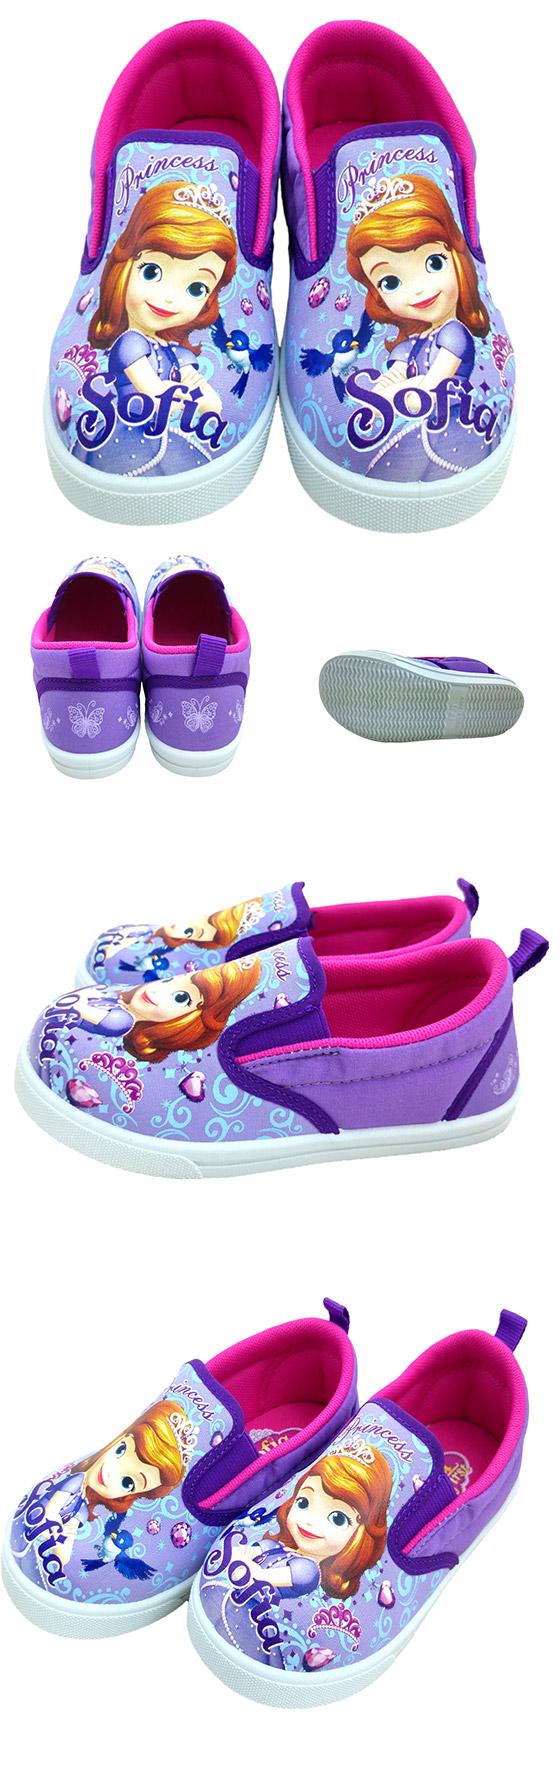 开学季冰雪奇缘与苏菲亚公主系列授权鞋